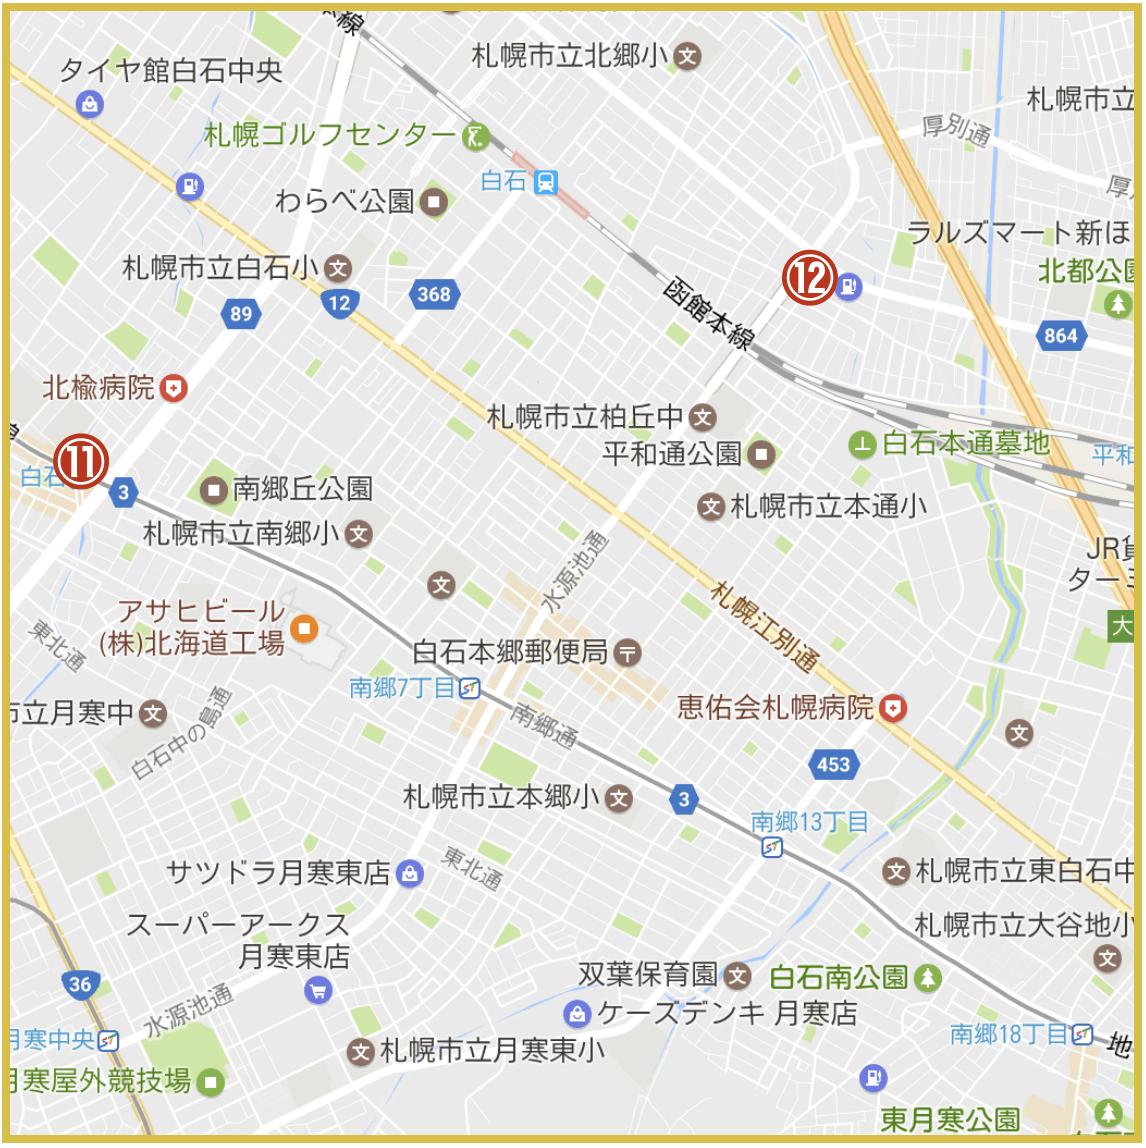 札幌市白石区にあるプロミス店舗・ATMの位置(2020年版)